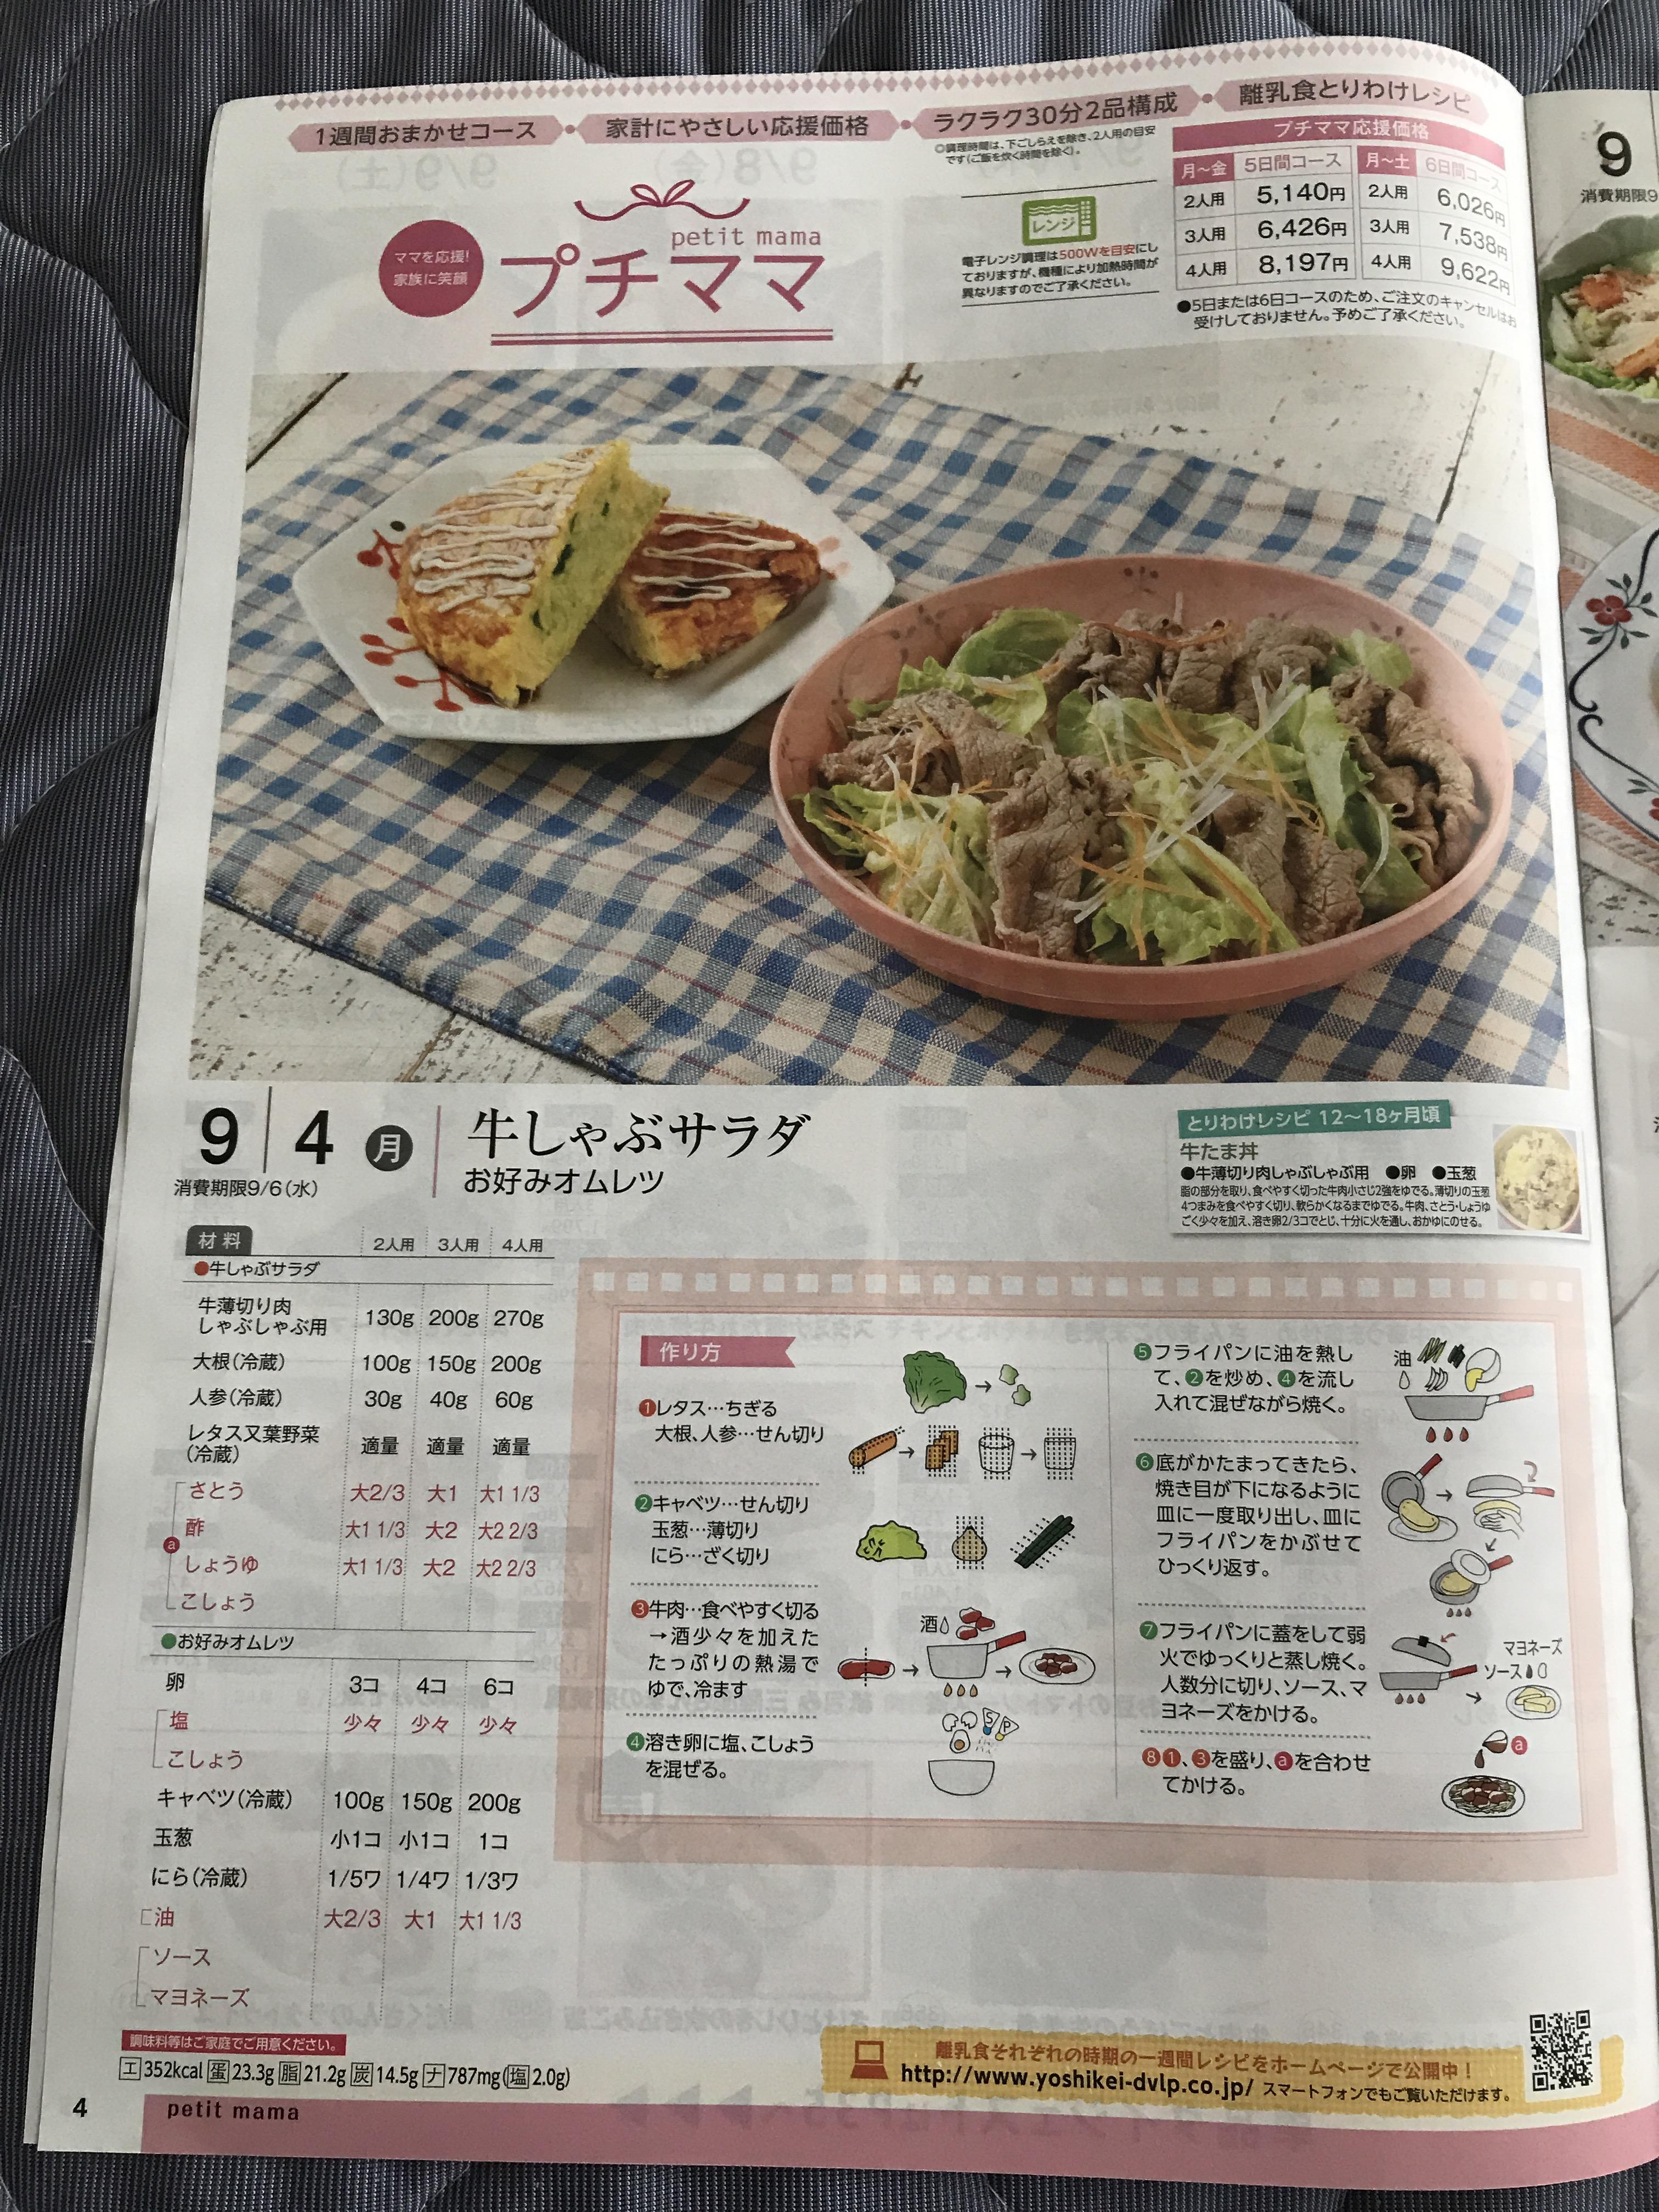 【産後の食事】ヨシケイのお試し5days(プチママ)を注文してみた